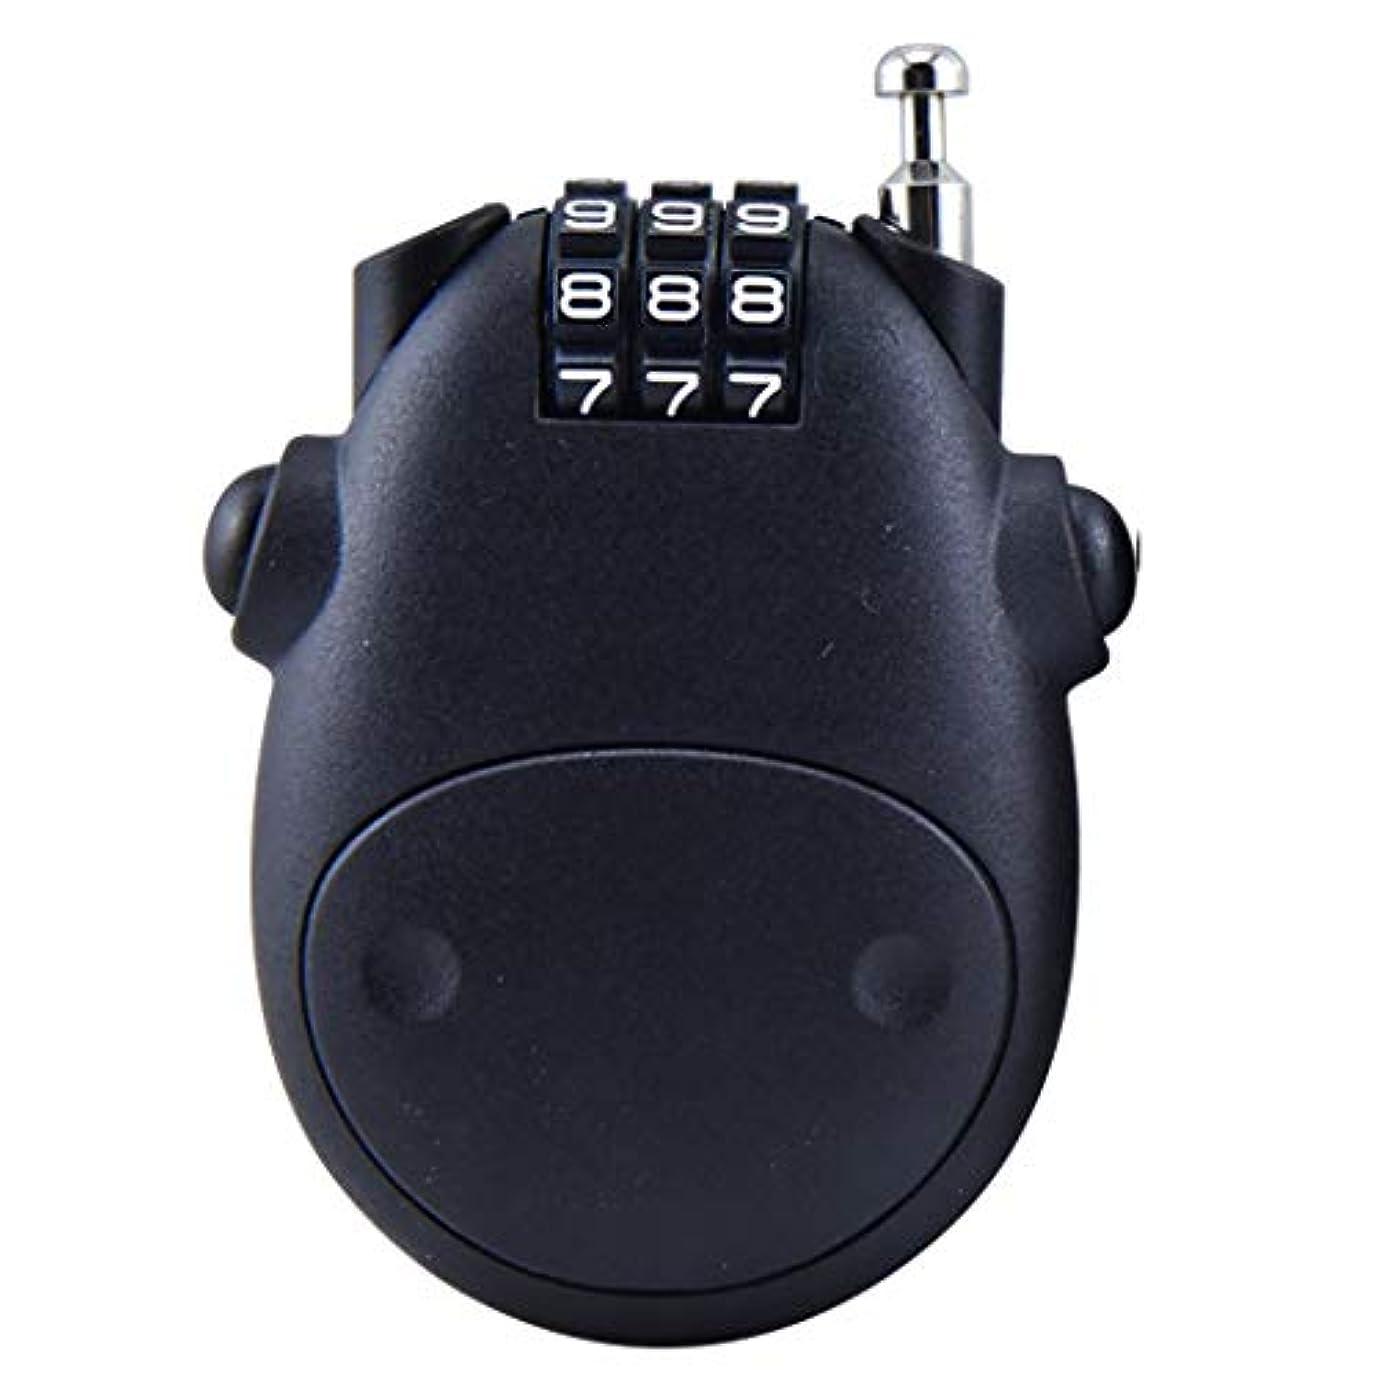 通路再生群れ格納式パスワードロックワイヤーロック南京錠かわいい牛のベビーカーロックジム盗難防止ロック学生ミニヘルメットロック (Color : Black)